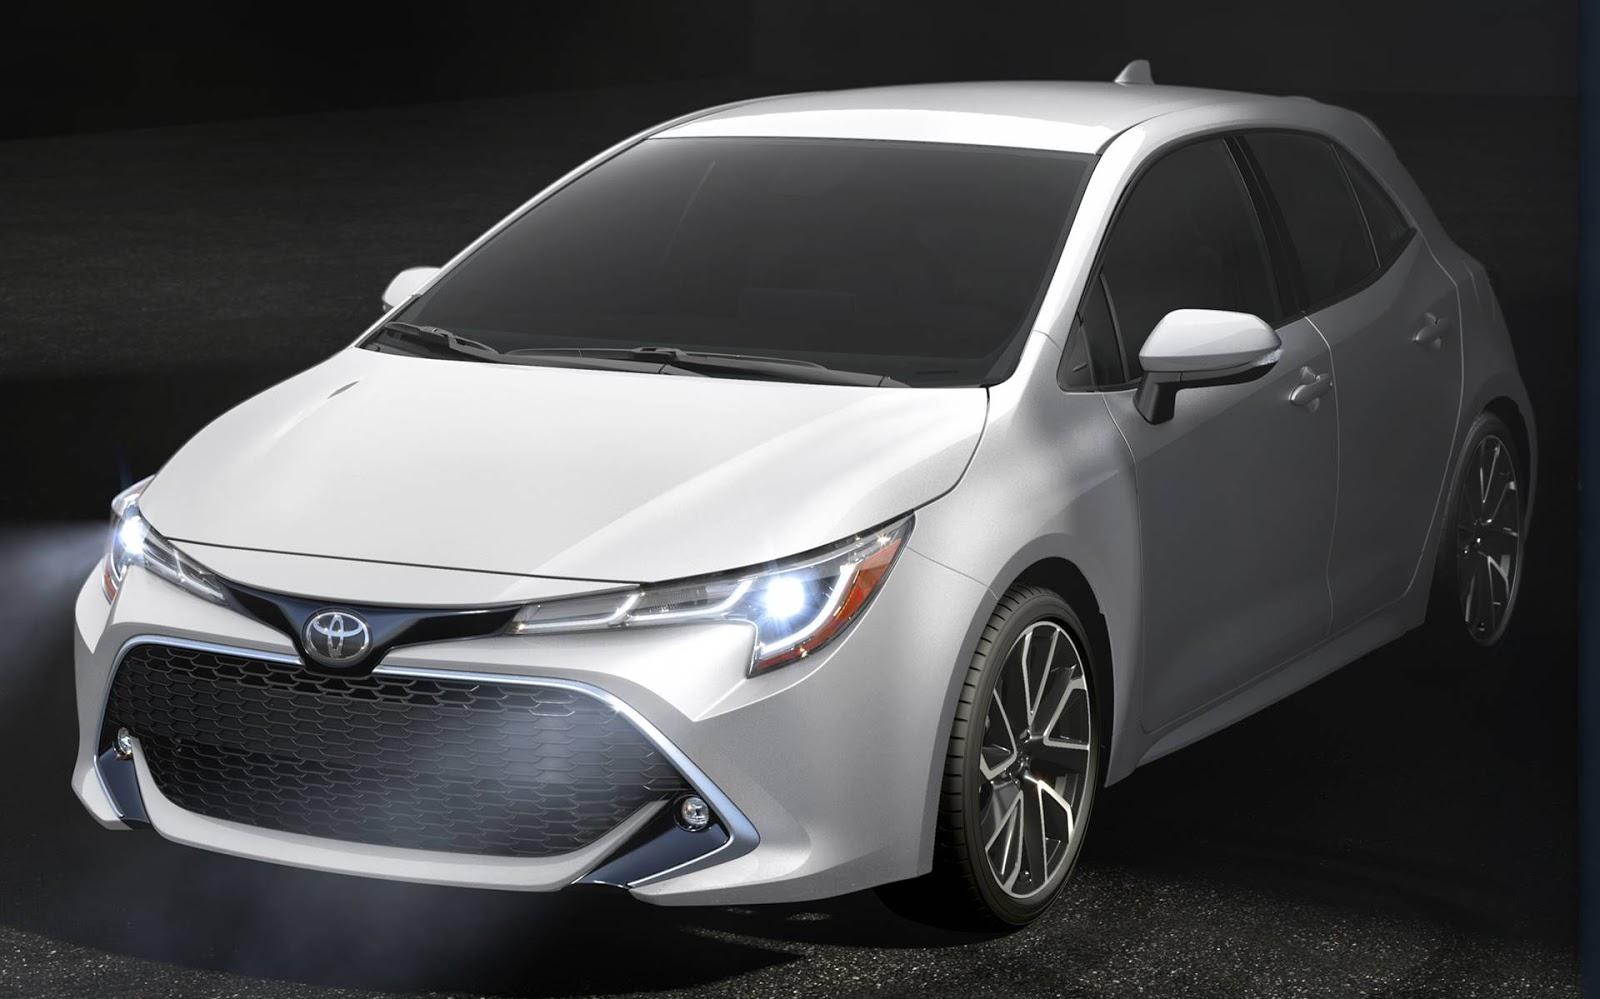 Novo Toyota Corolla 2019 Hatch Video E Detalhes Oficiais Car Blog Br